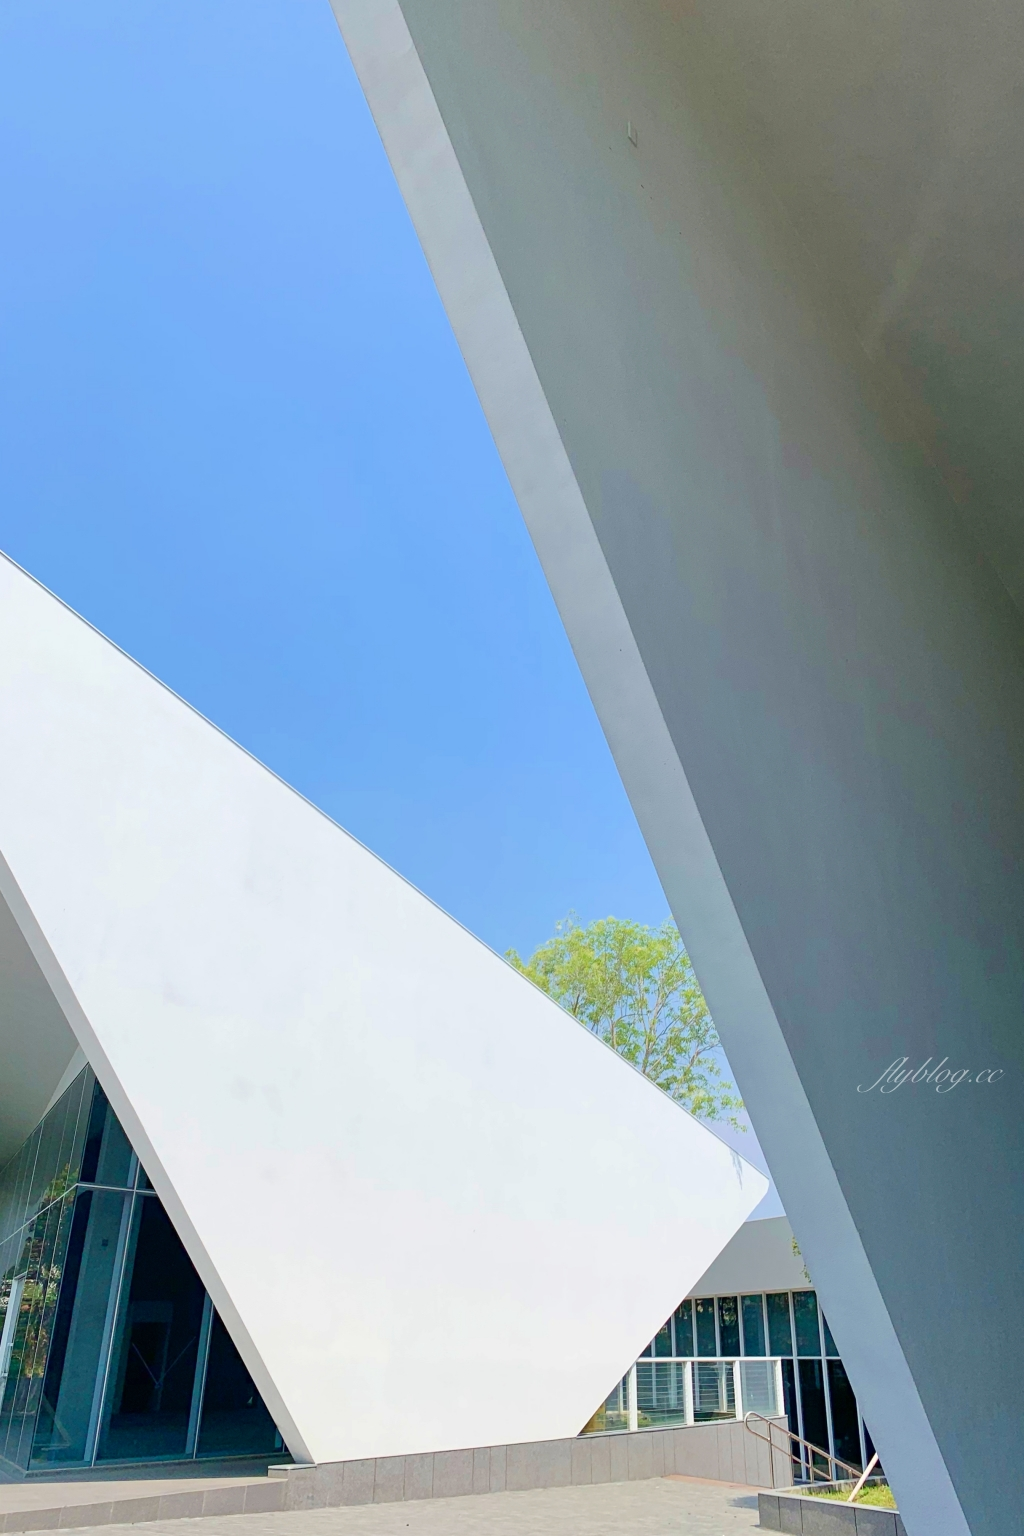 嘉義世賢路星巴克:漂亮的純白摺紙建築,搭配透明落地窗設計 @飛天璇的口袋